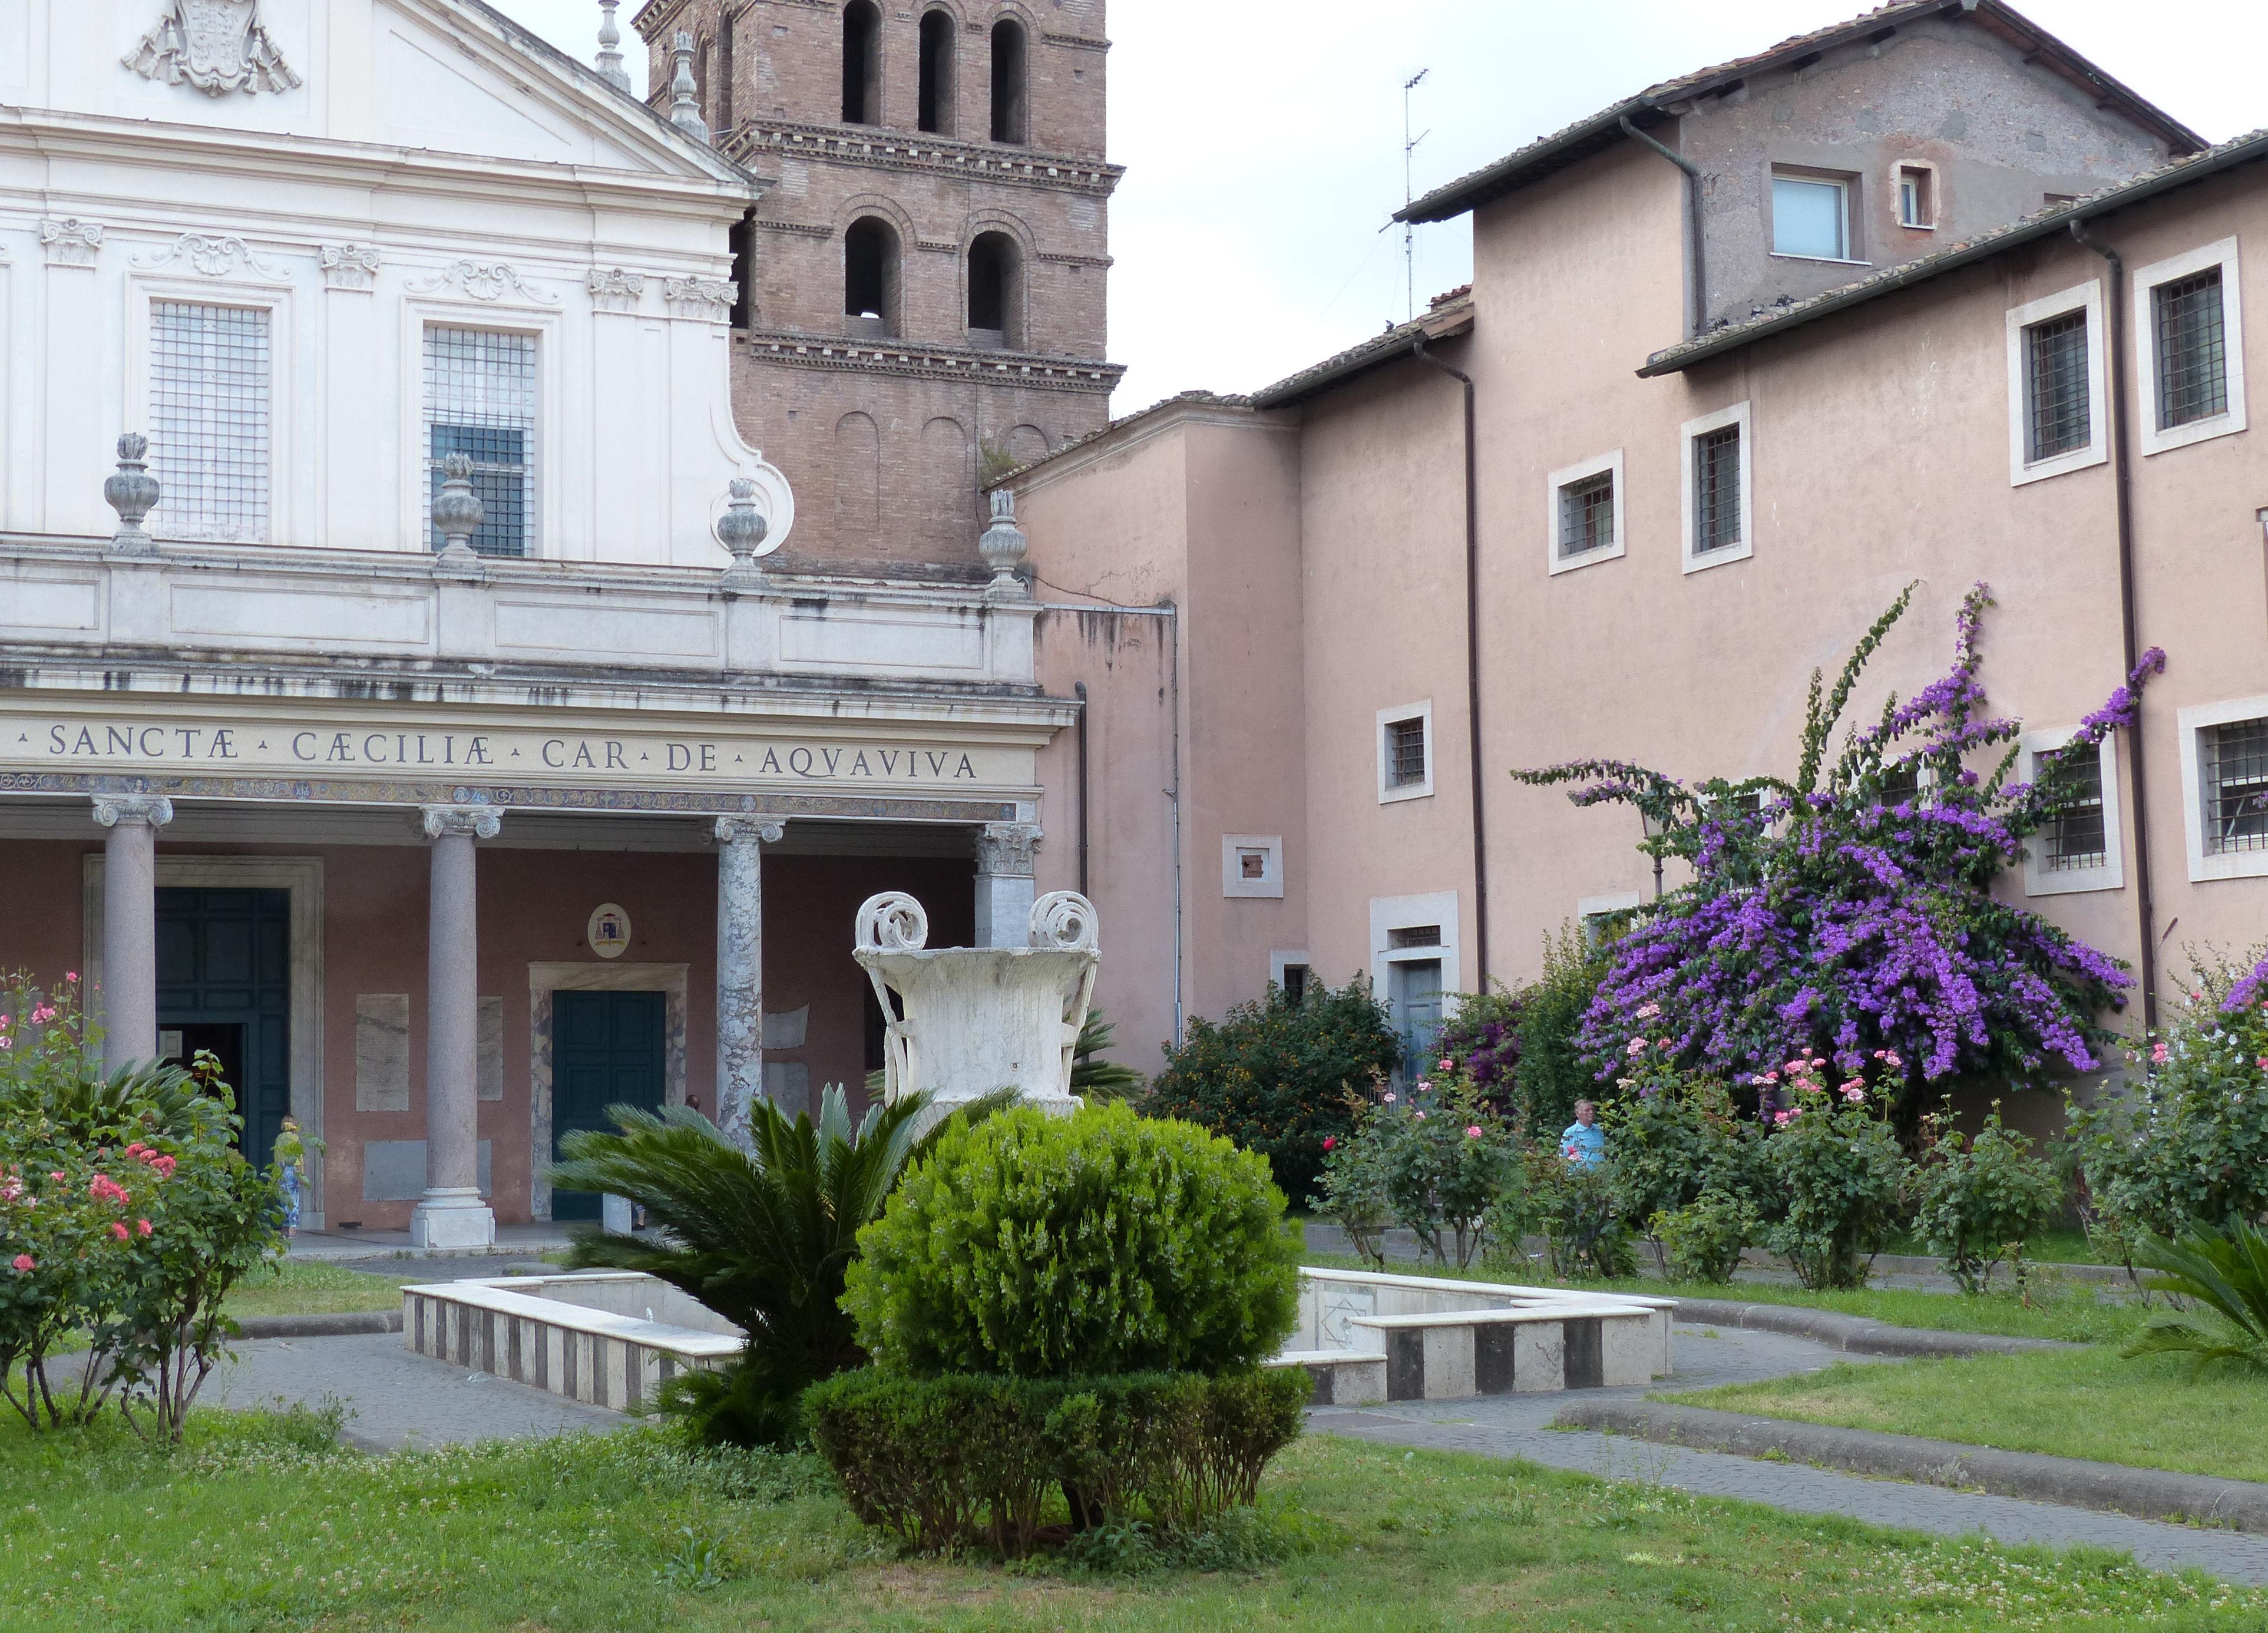 © Dipartimento di Scienze della Vita, Università di Trieste<br>by Andrea Moro<br>Comune di Roma, Basilica di Santa Cecilia di Trastevere, Roma, Lazio, Italia, 26/06/2015<br>Distributed under CC-BY-SA 4.0 license.